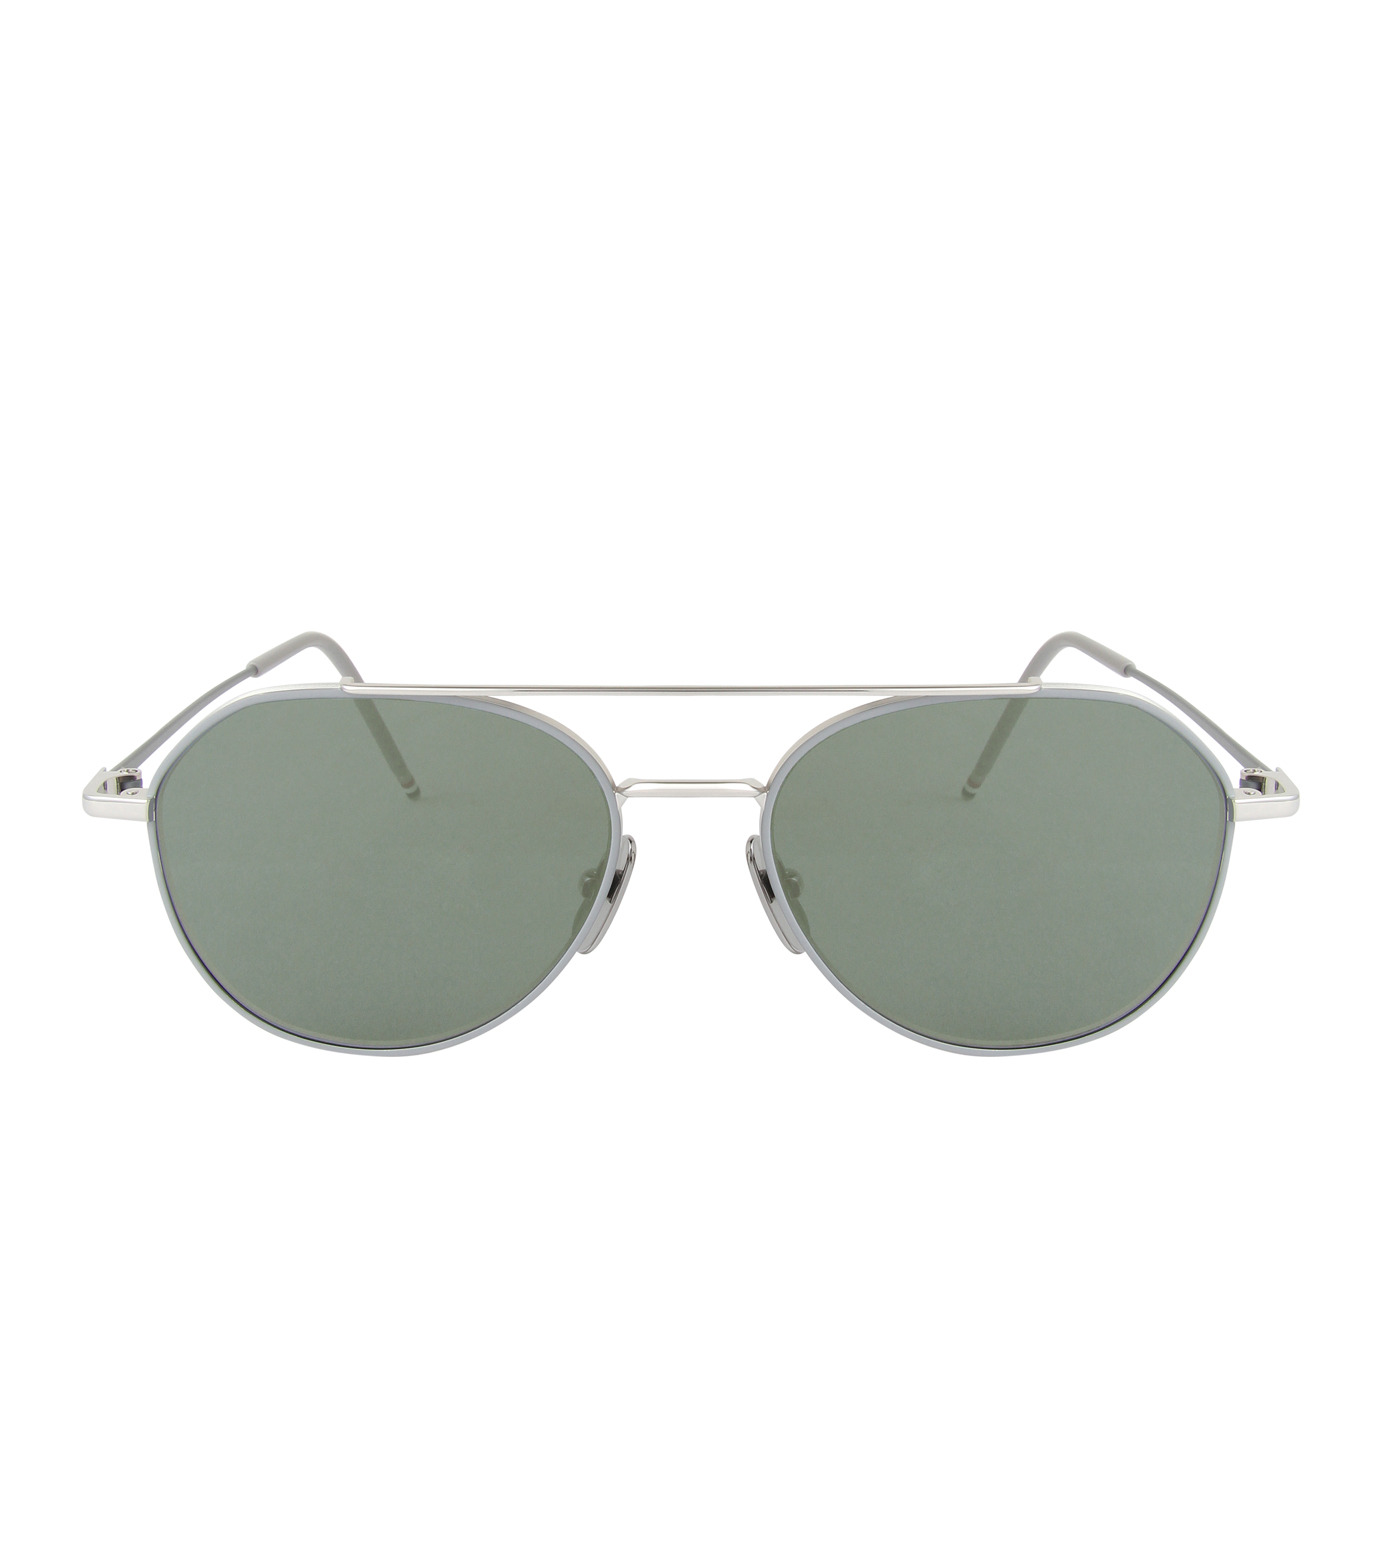 Thom Browne Eye Wear(トム・ブラウン・アイウェア)のTear Drop Slv Frame-SILVER(アイウェア/eyewear)-TB-105-B-1 拡大詳細画像3